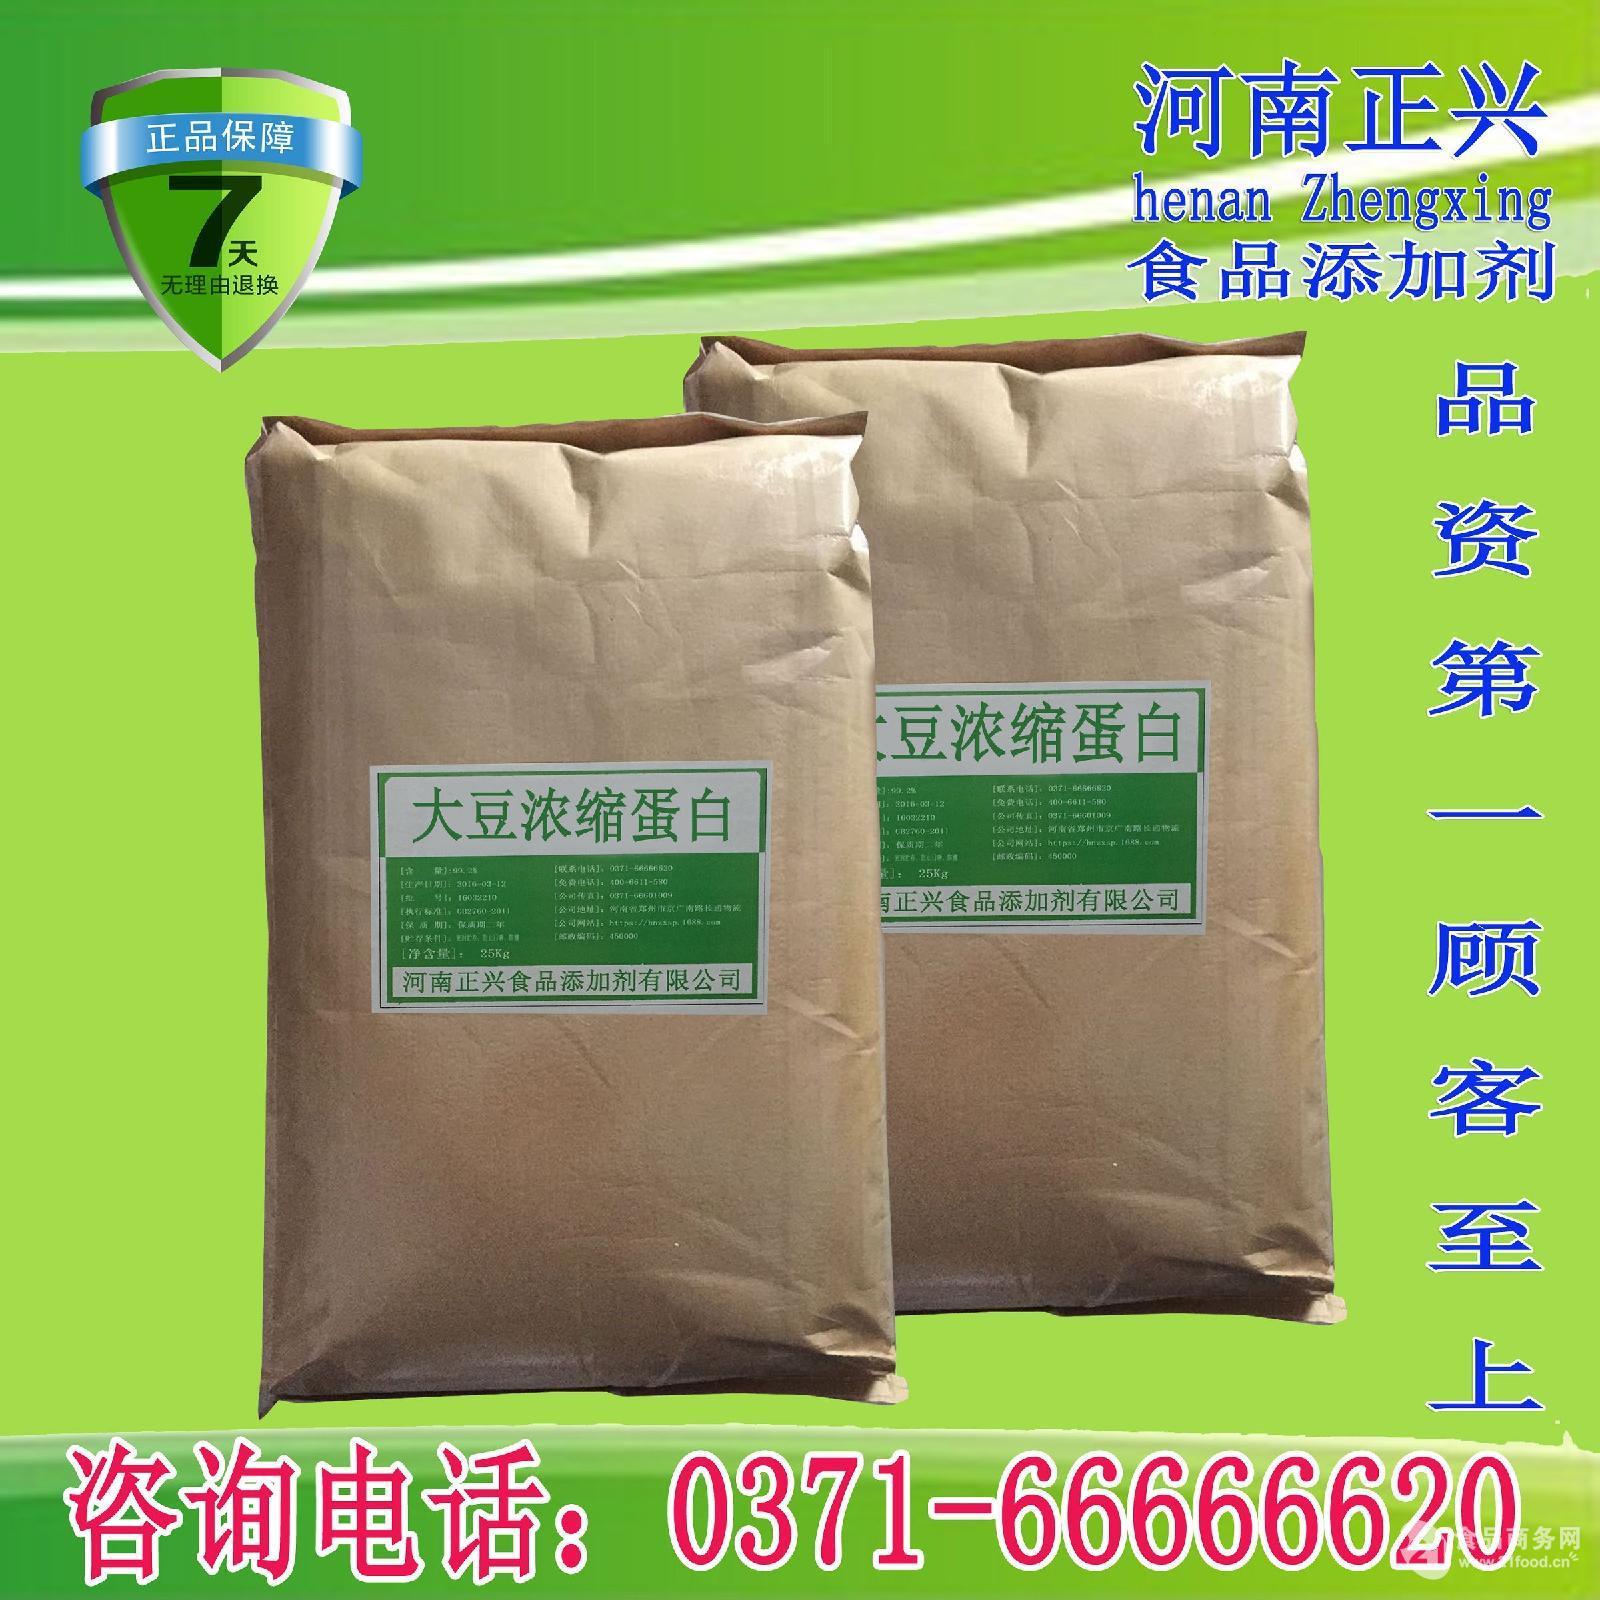 厂家直销 大豆浓缩蛋白 100%纯粉